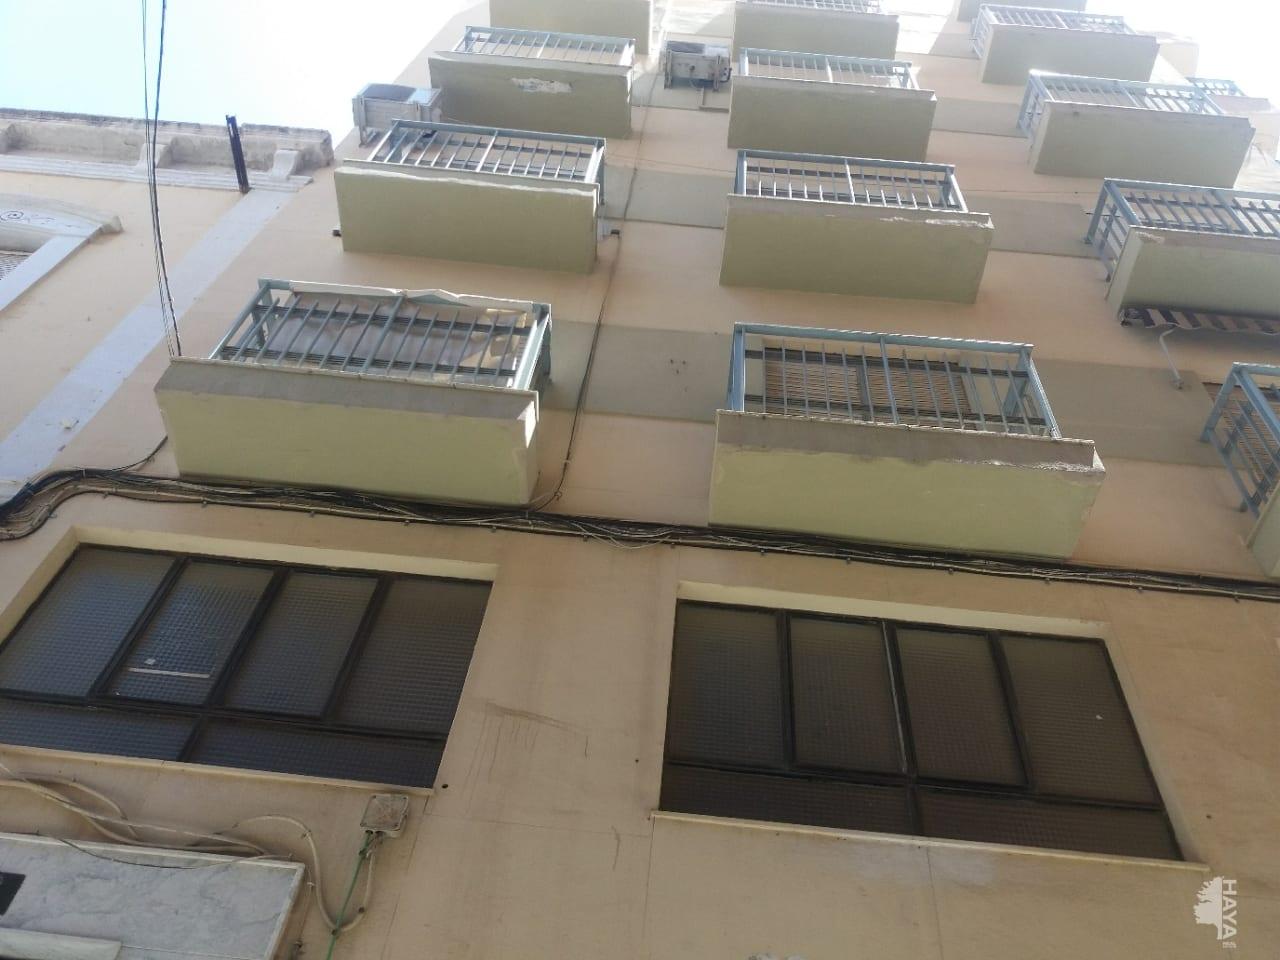 Piso en venta en Almedina, Almería, Almería, Calle Federico Castro, 60.480 €, 2 habitaciones, 1 baño, 92 m2